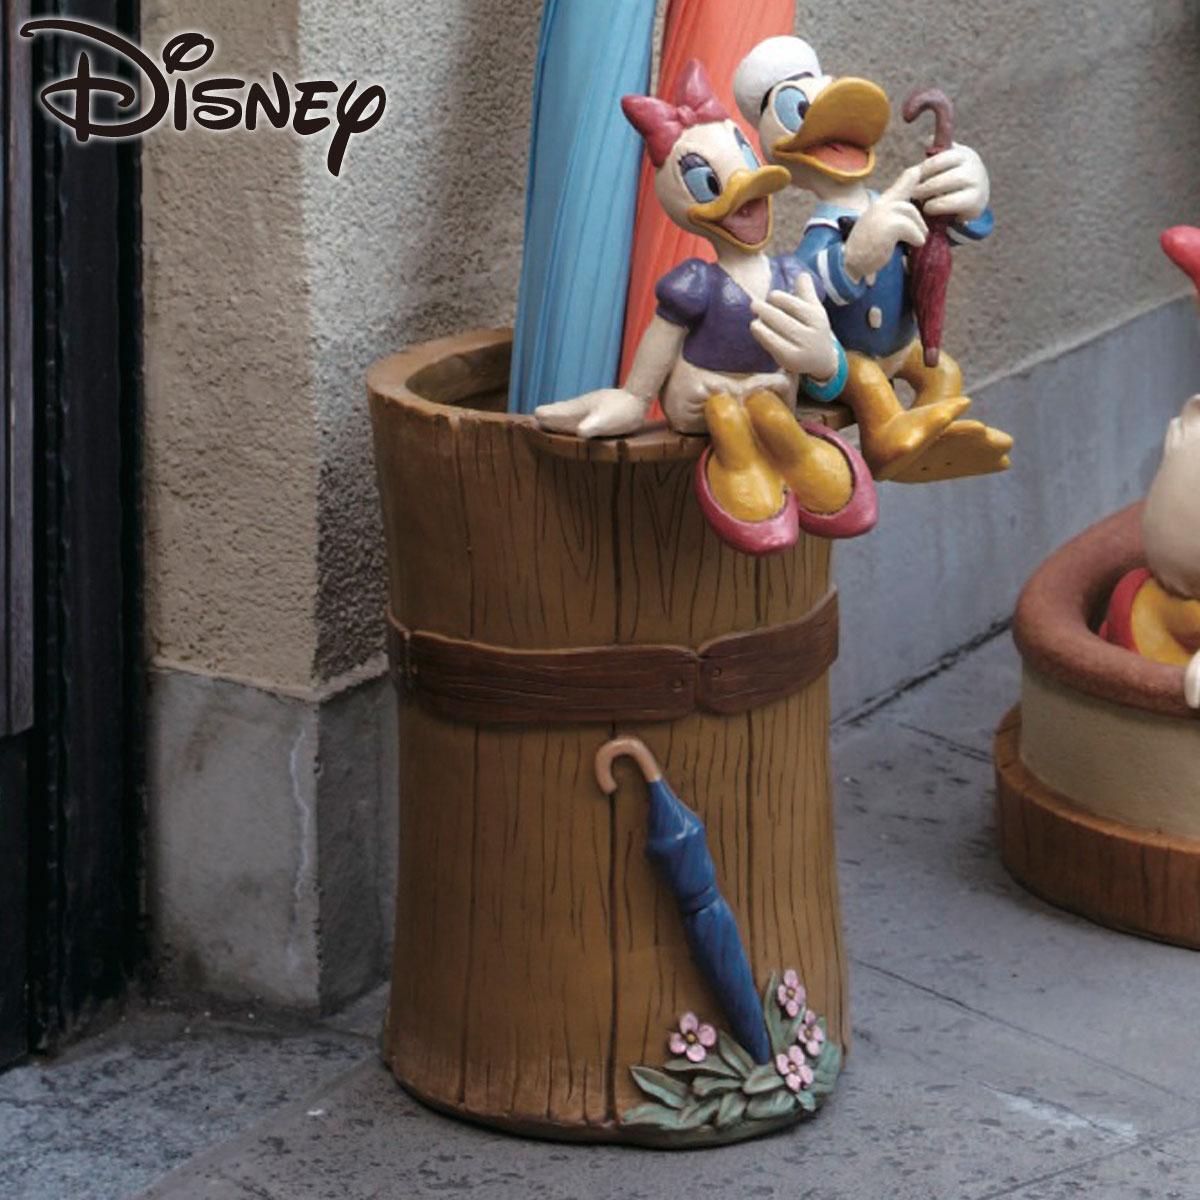 ★ポイント10倍★ 傘立て ディズニー ドナルド&デイジー SD-5403 陶器 アンブレラスタンド 傘たて かさたて おしゃれ かわいい